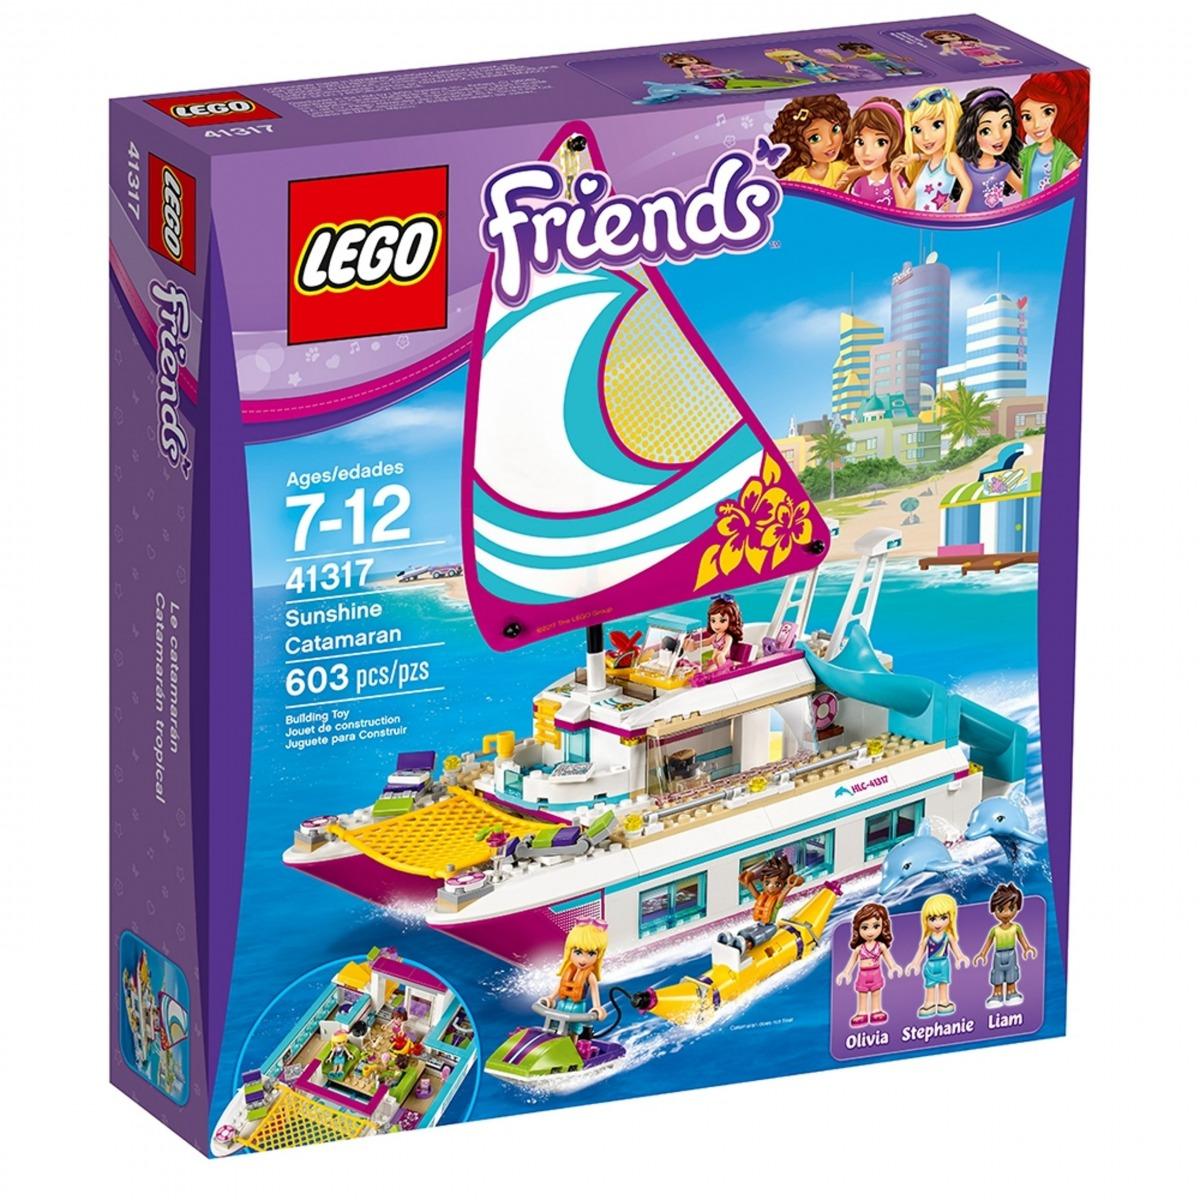 lego 41317 sunshine catamaran scaled